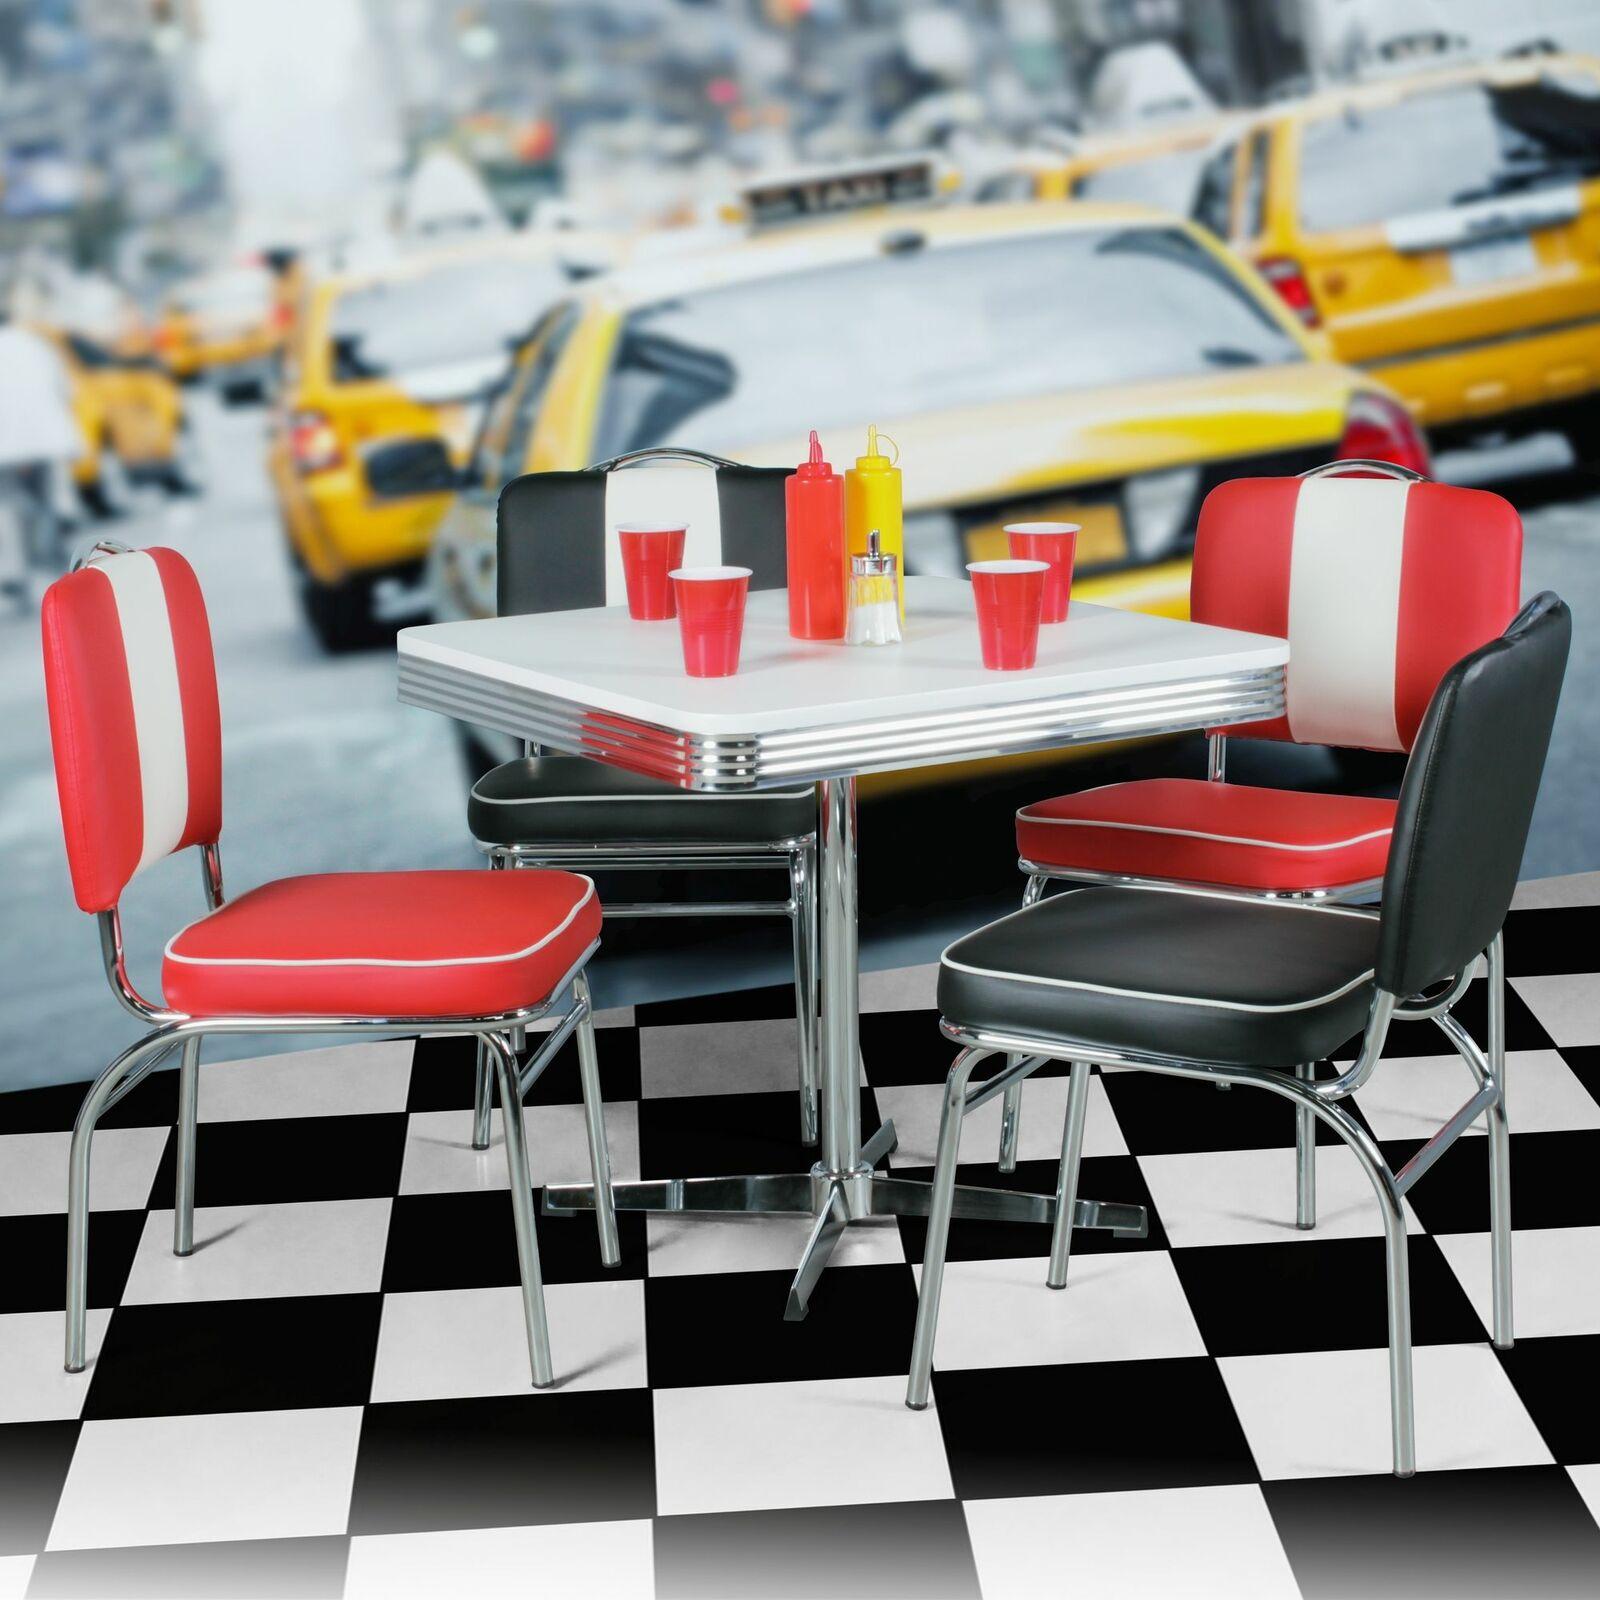 Esstisch 80 x 80 cm American Diner Weiß Design Retro USA Bistrotisch Metall NEU 19